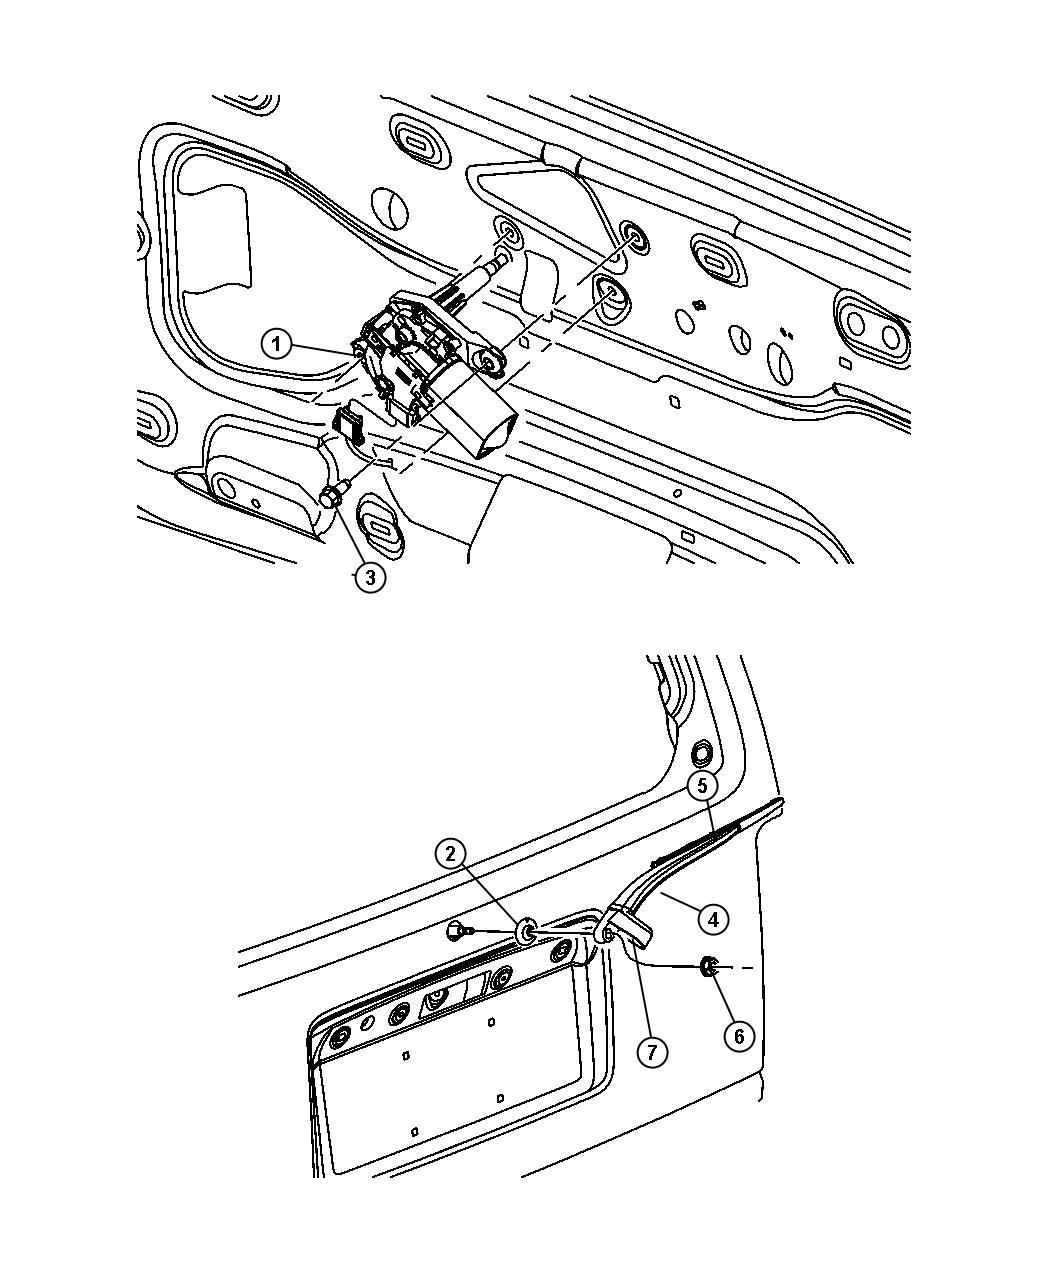 2008 Dodge Nitro Arm  Liftgate Wiper  Rear Wiper  Wiper